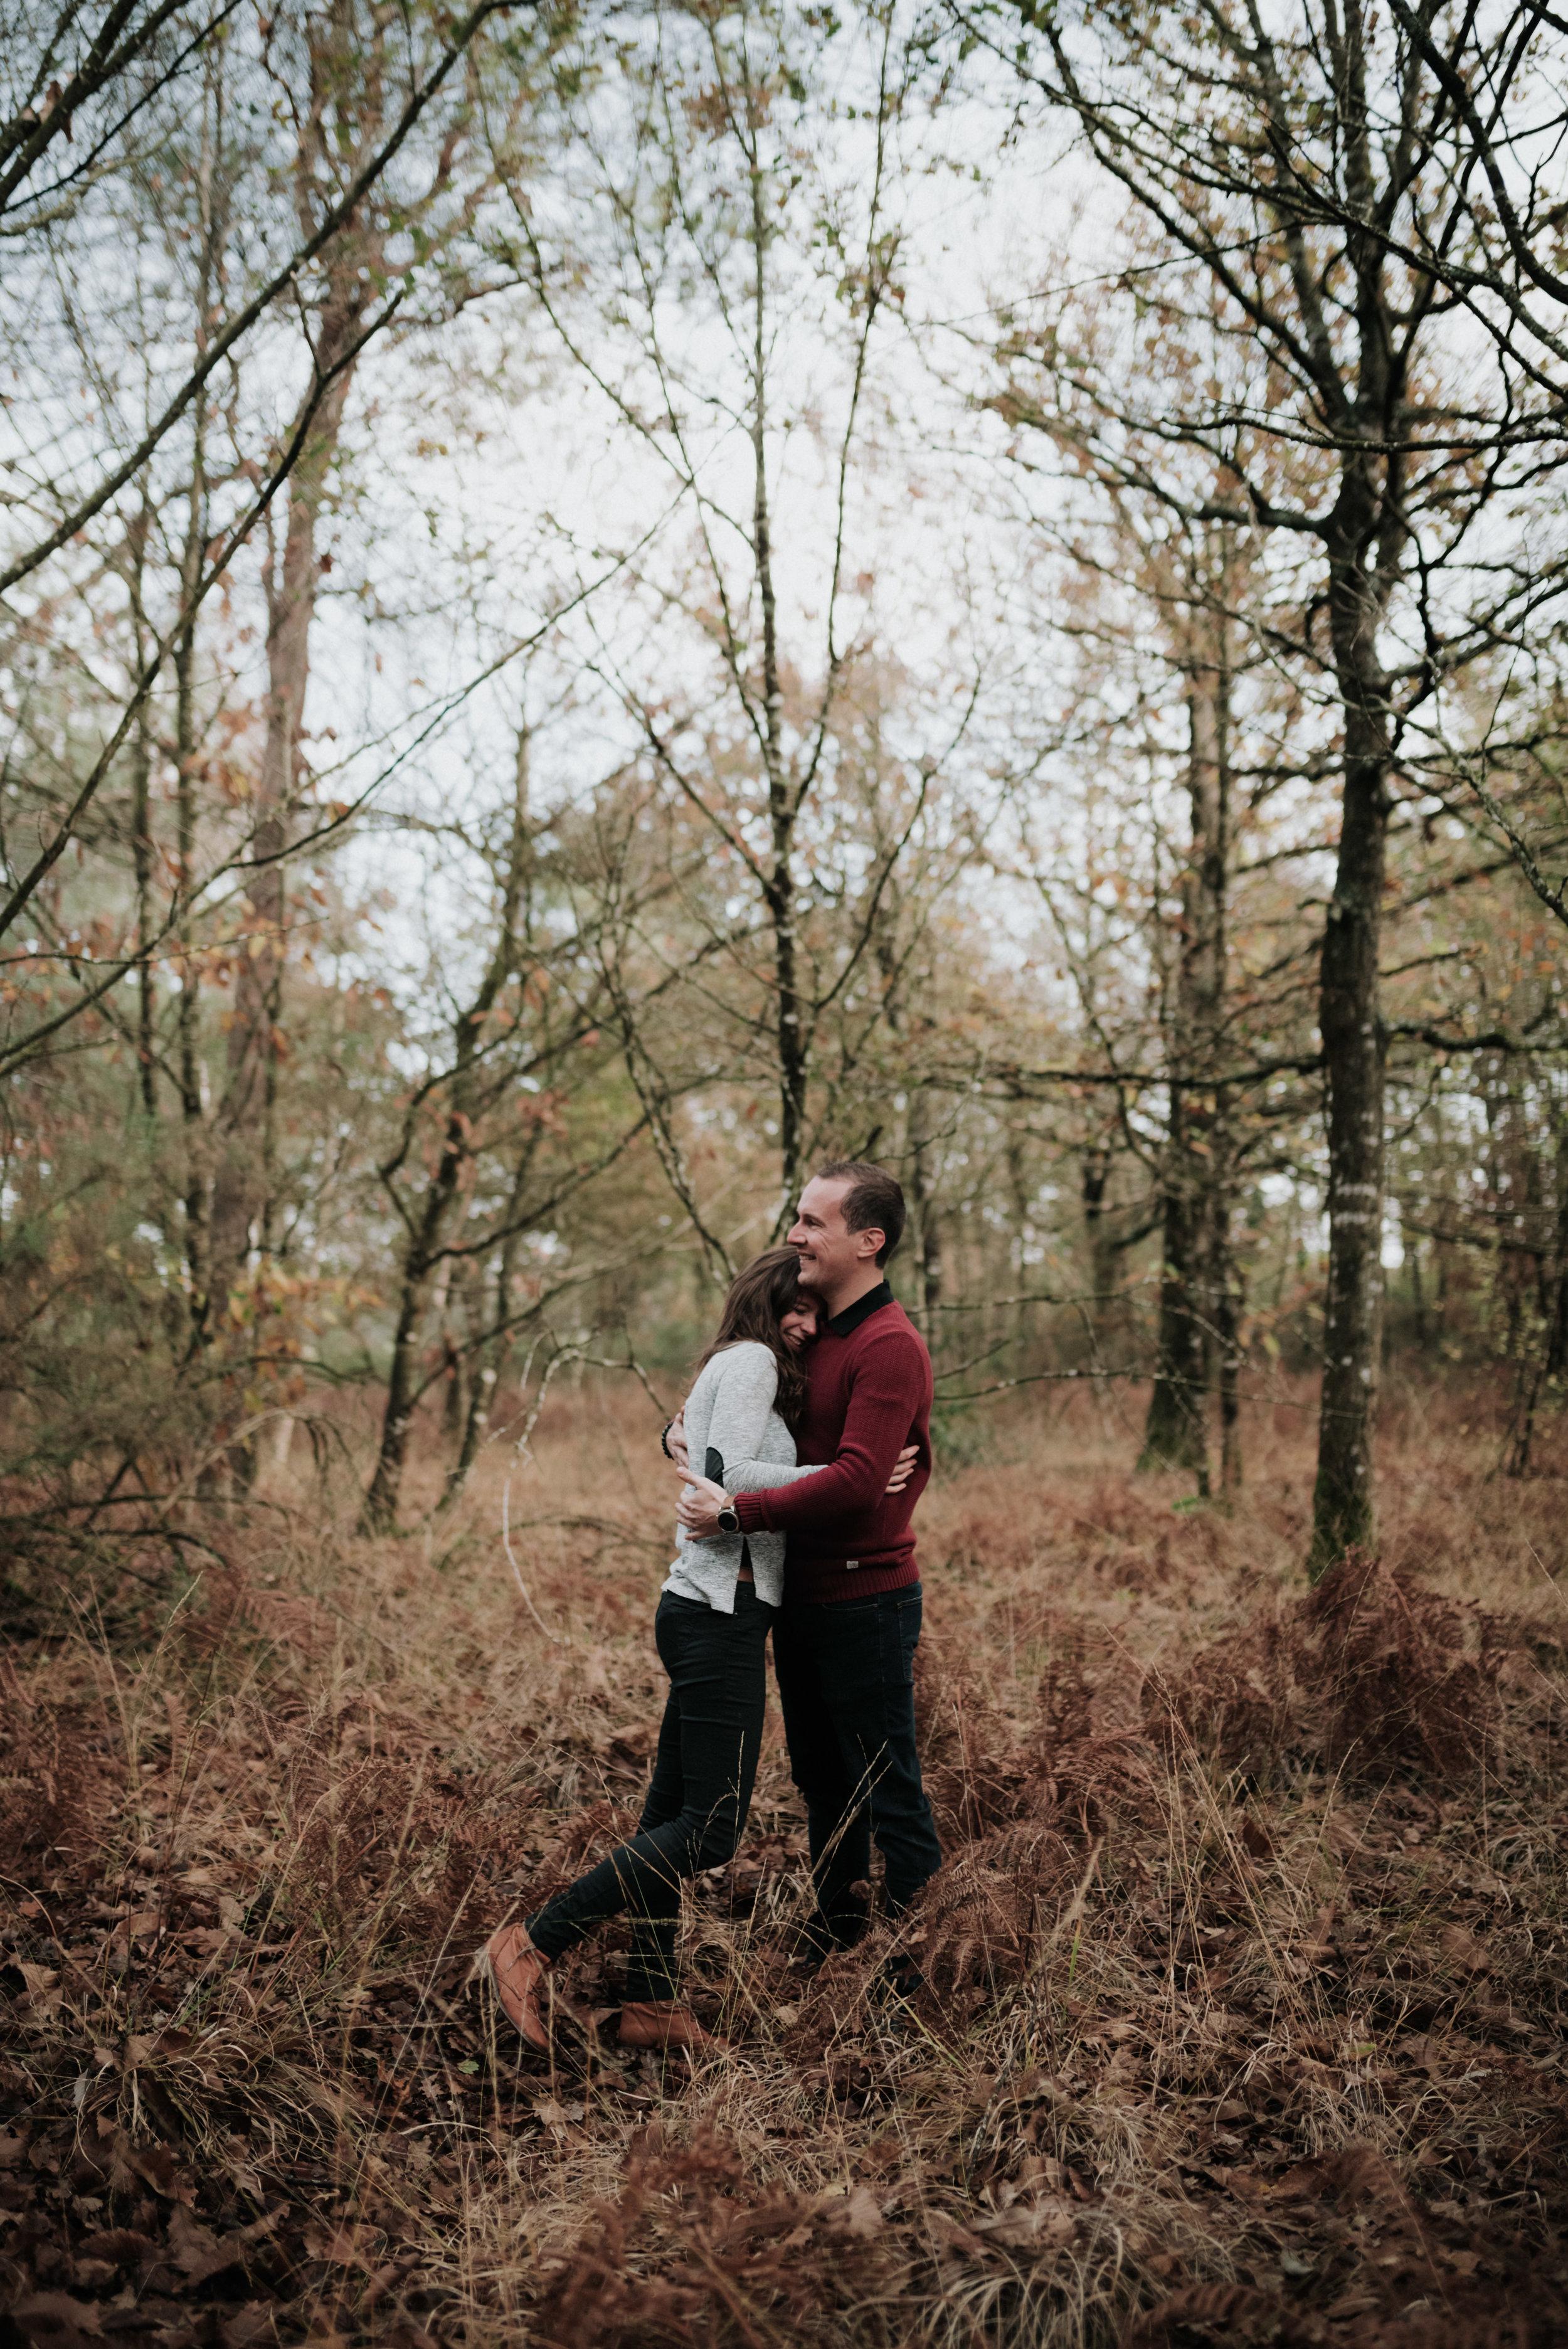 Léa-Fery-photographe-professionnel-lyon-rhone-alpes-portrait-creation-mariage-evenement-evenementiel-famille-4778.jpg